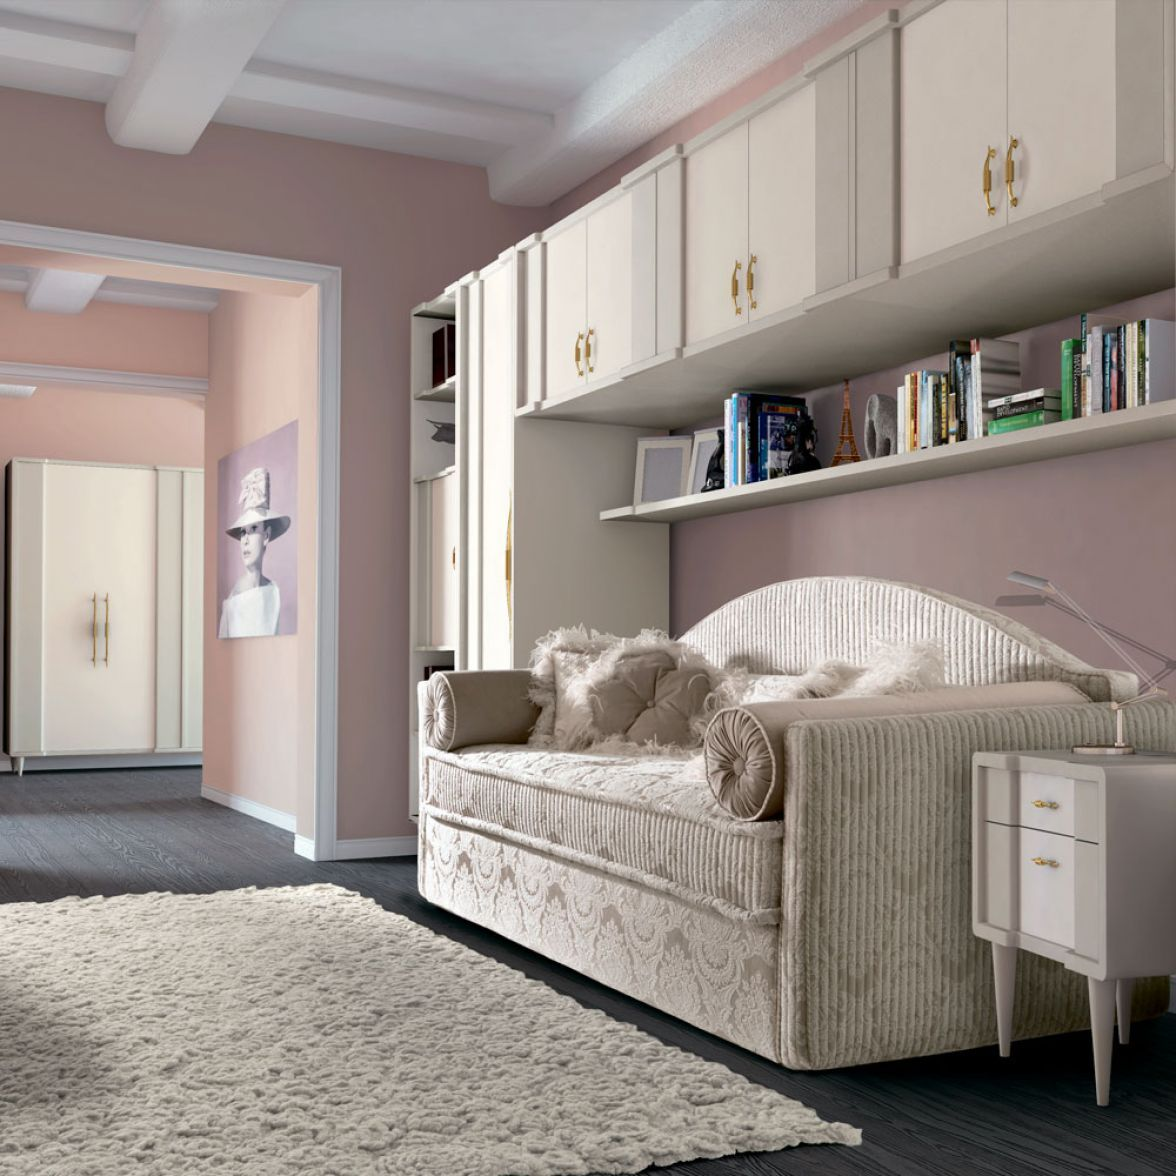 Morris sofa